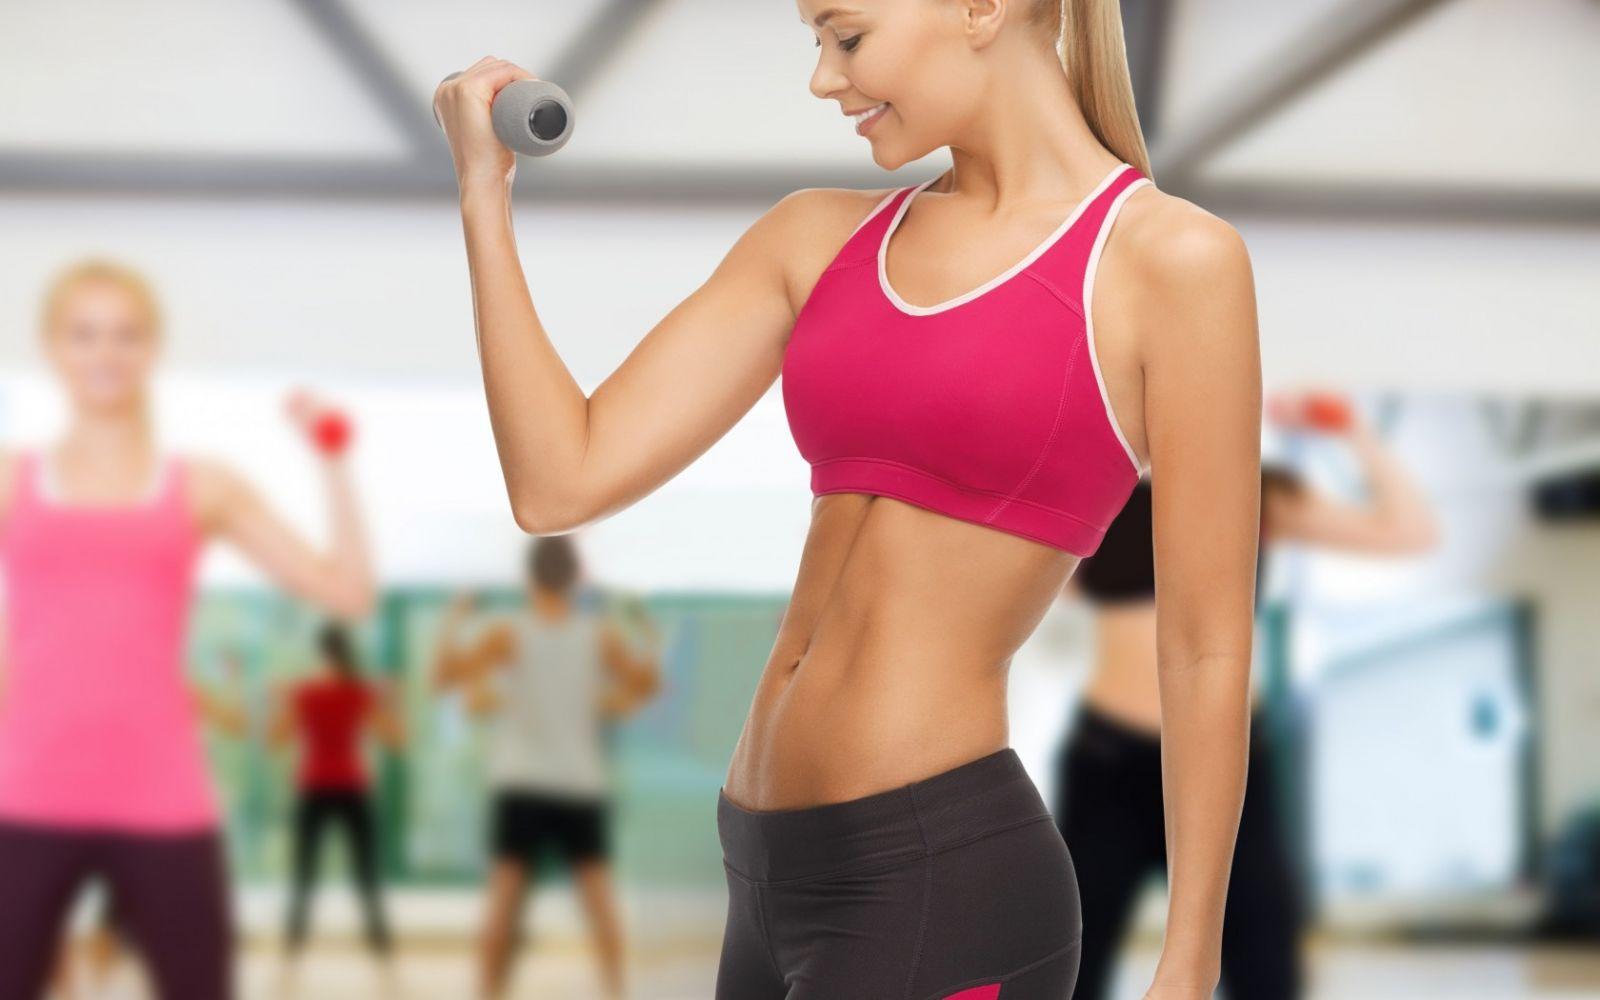 Không nên nhịn ăn trước khi tập gym